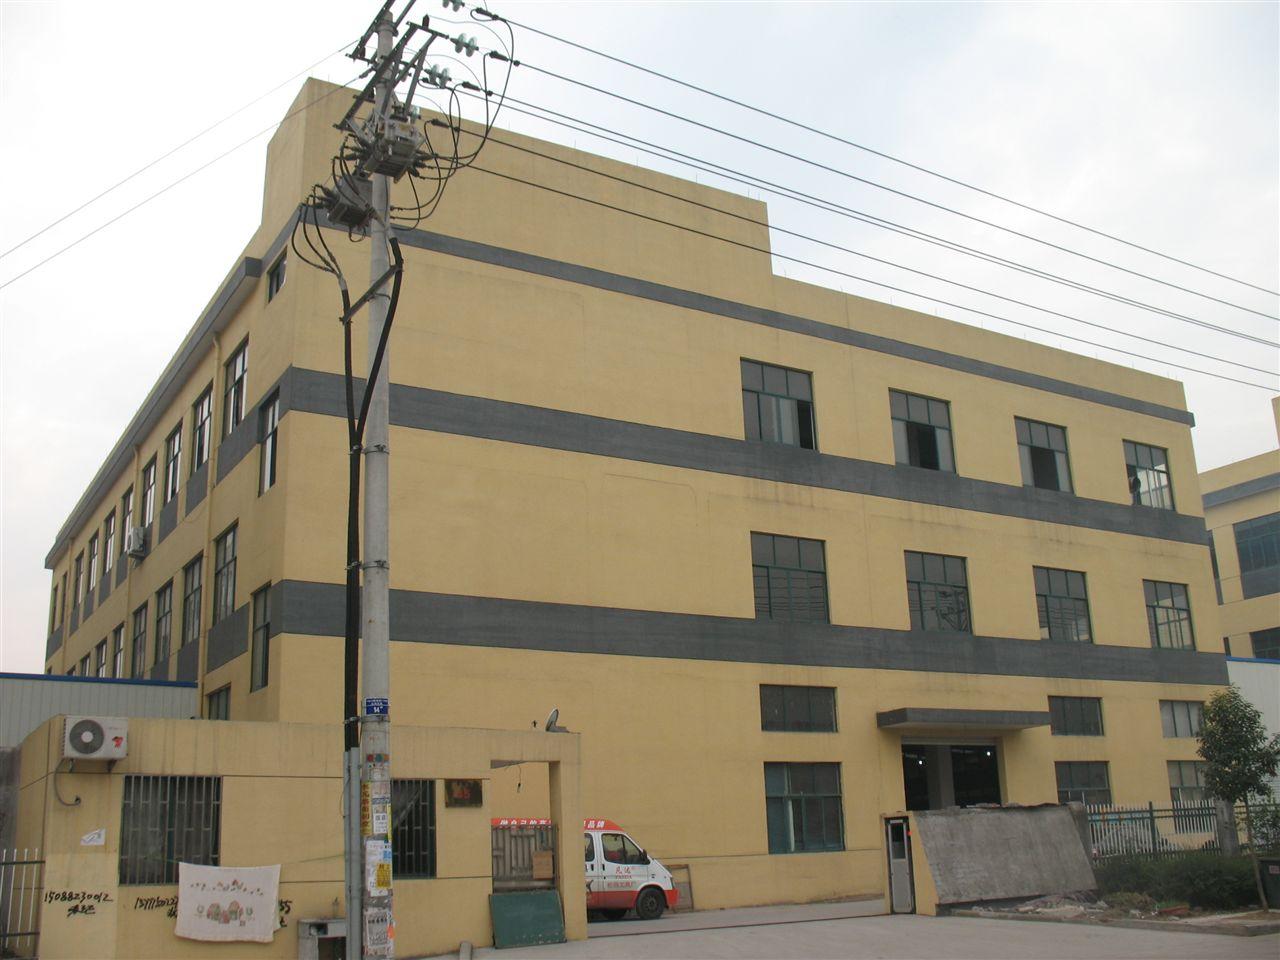 无叶电风扇正规工厂生产厂家图片-永康市聚豪